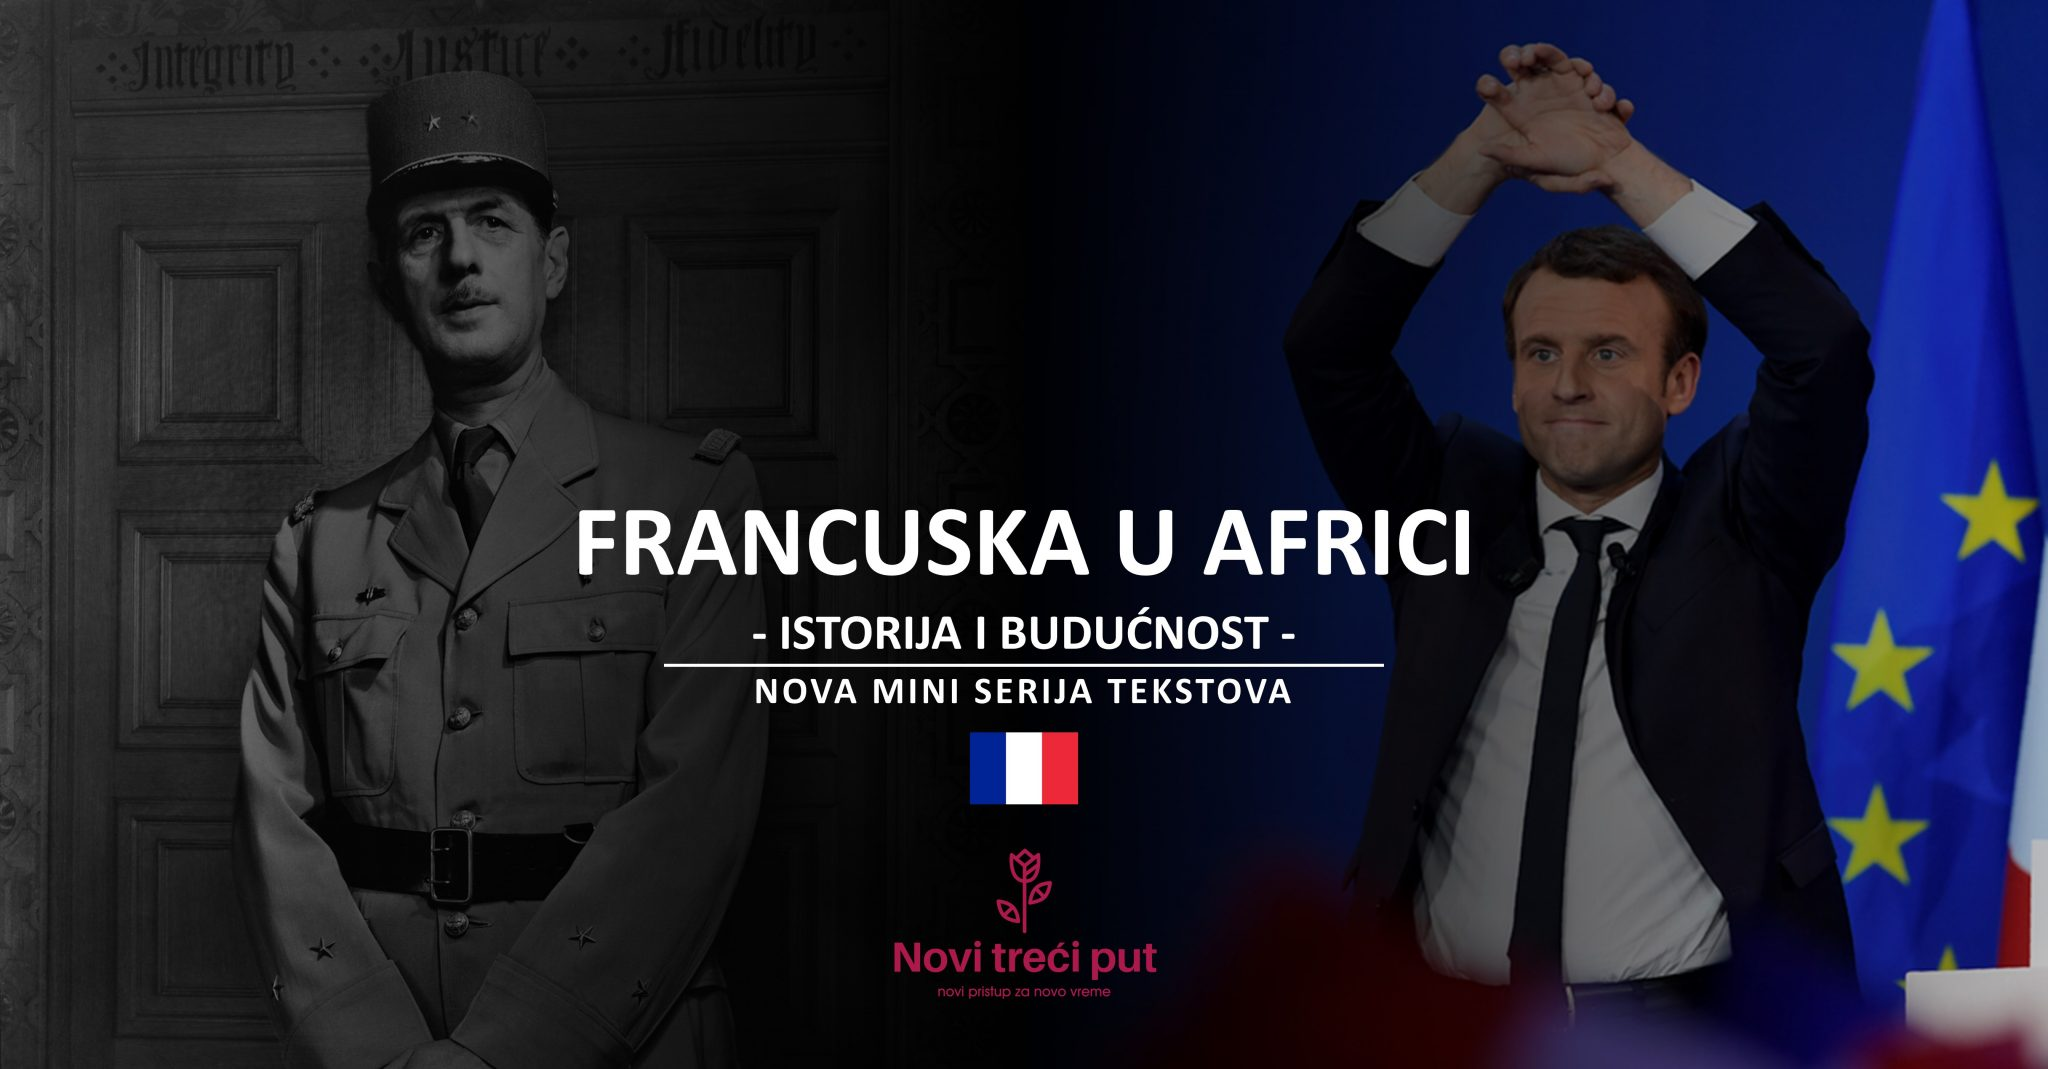 Francuska u Africi - istorija i budućnost